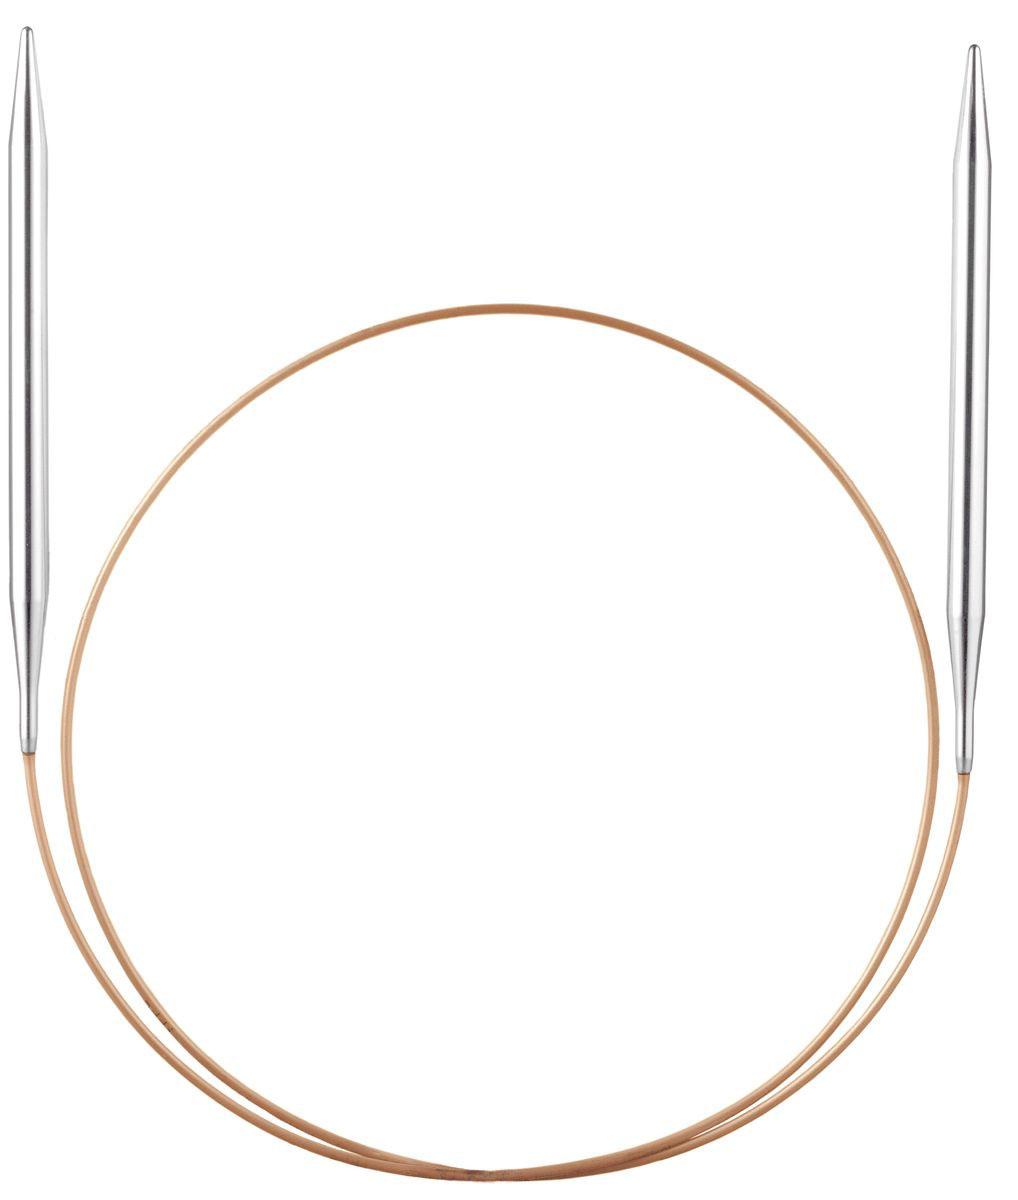 Спицы круговые Addi, супергладкие, диаметр 6 мм, длина 100 см105-7/6-100Спицы Addi, изготовленные из никеля, прекрасно подойдут для вязания изделий без швов. Короткими круговыми спицами вяжут бейки горловины, шапки и варежки, длинными спицами можно вязать по кругу целые модели, например, свитера и пуловеры. Полые и очень легкие спицы с удлиненным кончиком скреплены гибкой леской. Гладкое покрытие и тонкие переходы от спицы к леске позволяют пряже легче скользить. Малый вес изделия убережет ваши руки от усталости при вязании. Вы сможете вязать для себя, делать подарки друзьям. Работа, сделанная своими руками, долго будет радовать вас и ваших близких.